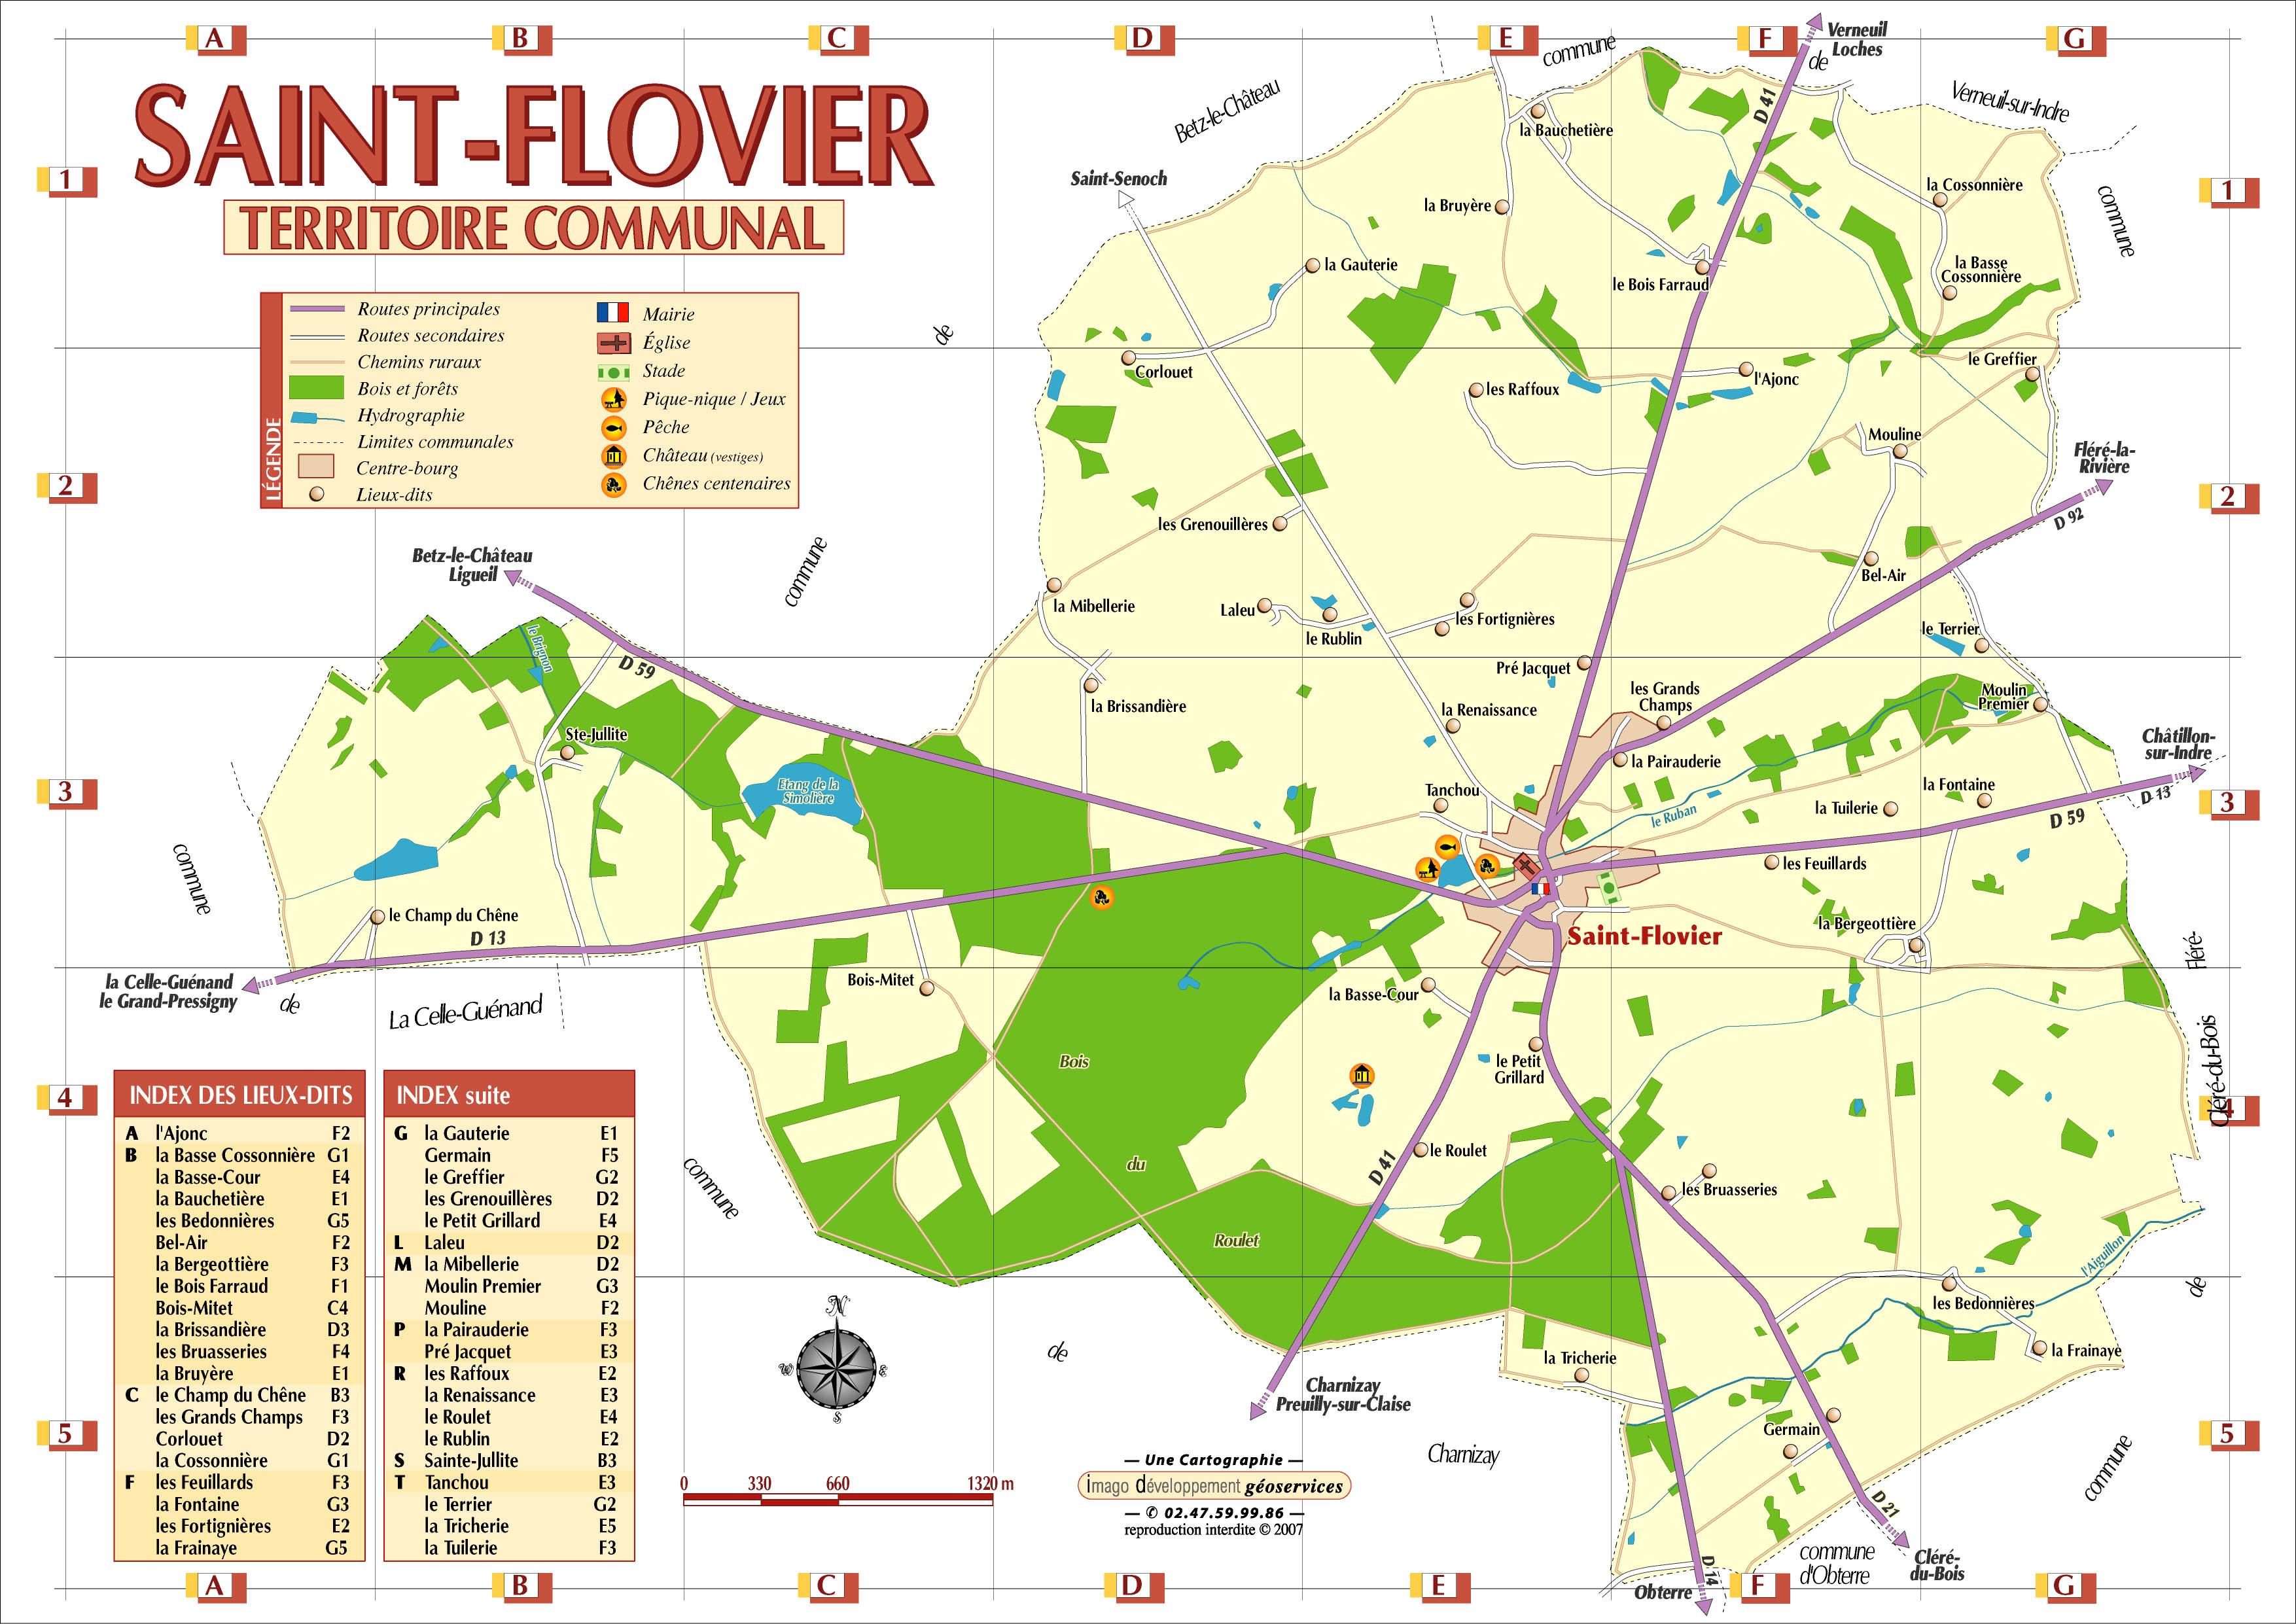 accueil/verso-st-flovier2007.jpg